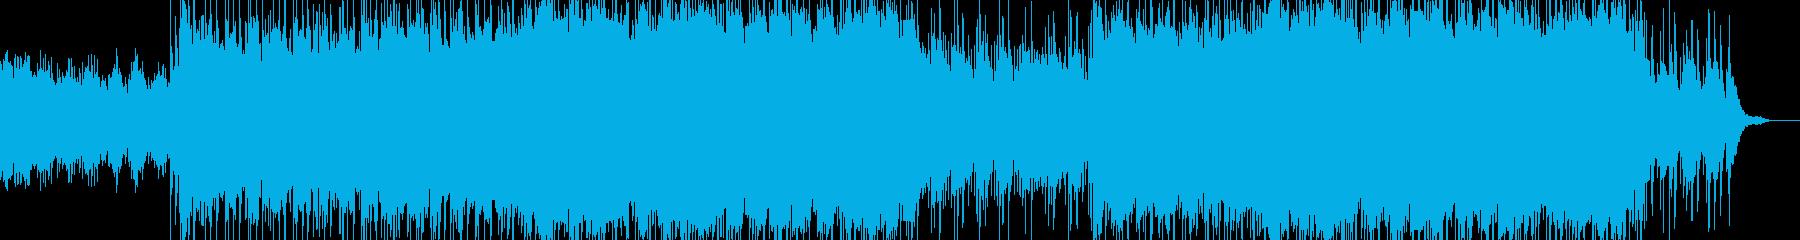 映画音楽、荘厳重厚、映像向け-35の再生済みの波形